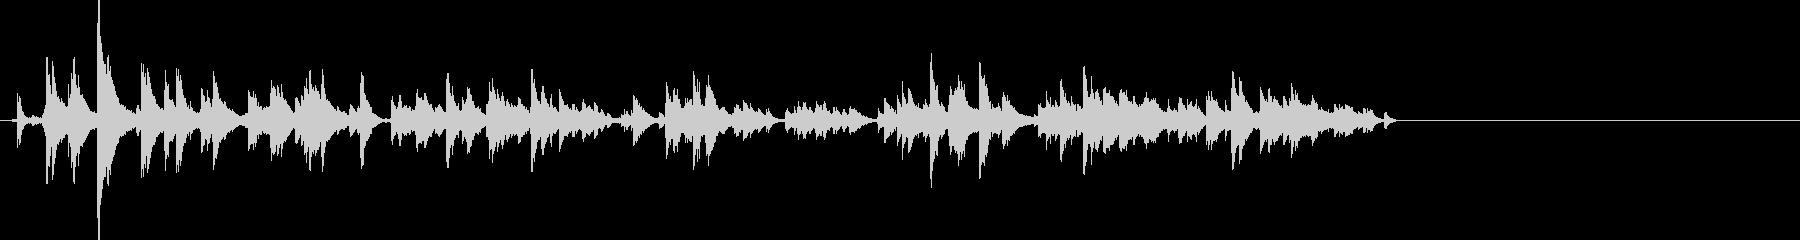 カララーン…鈴の音色っぽい効果音の未再生の波形